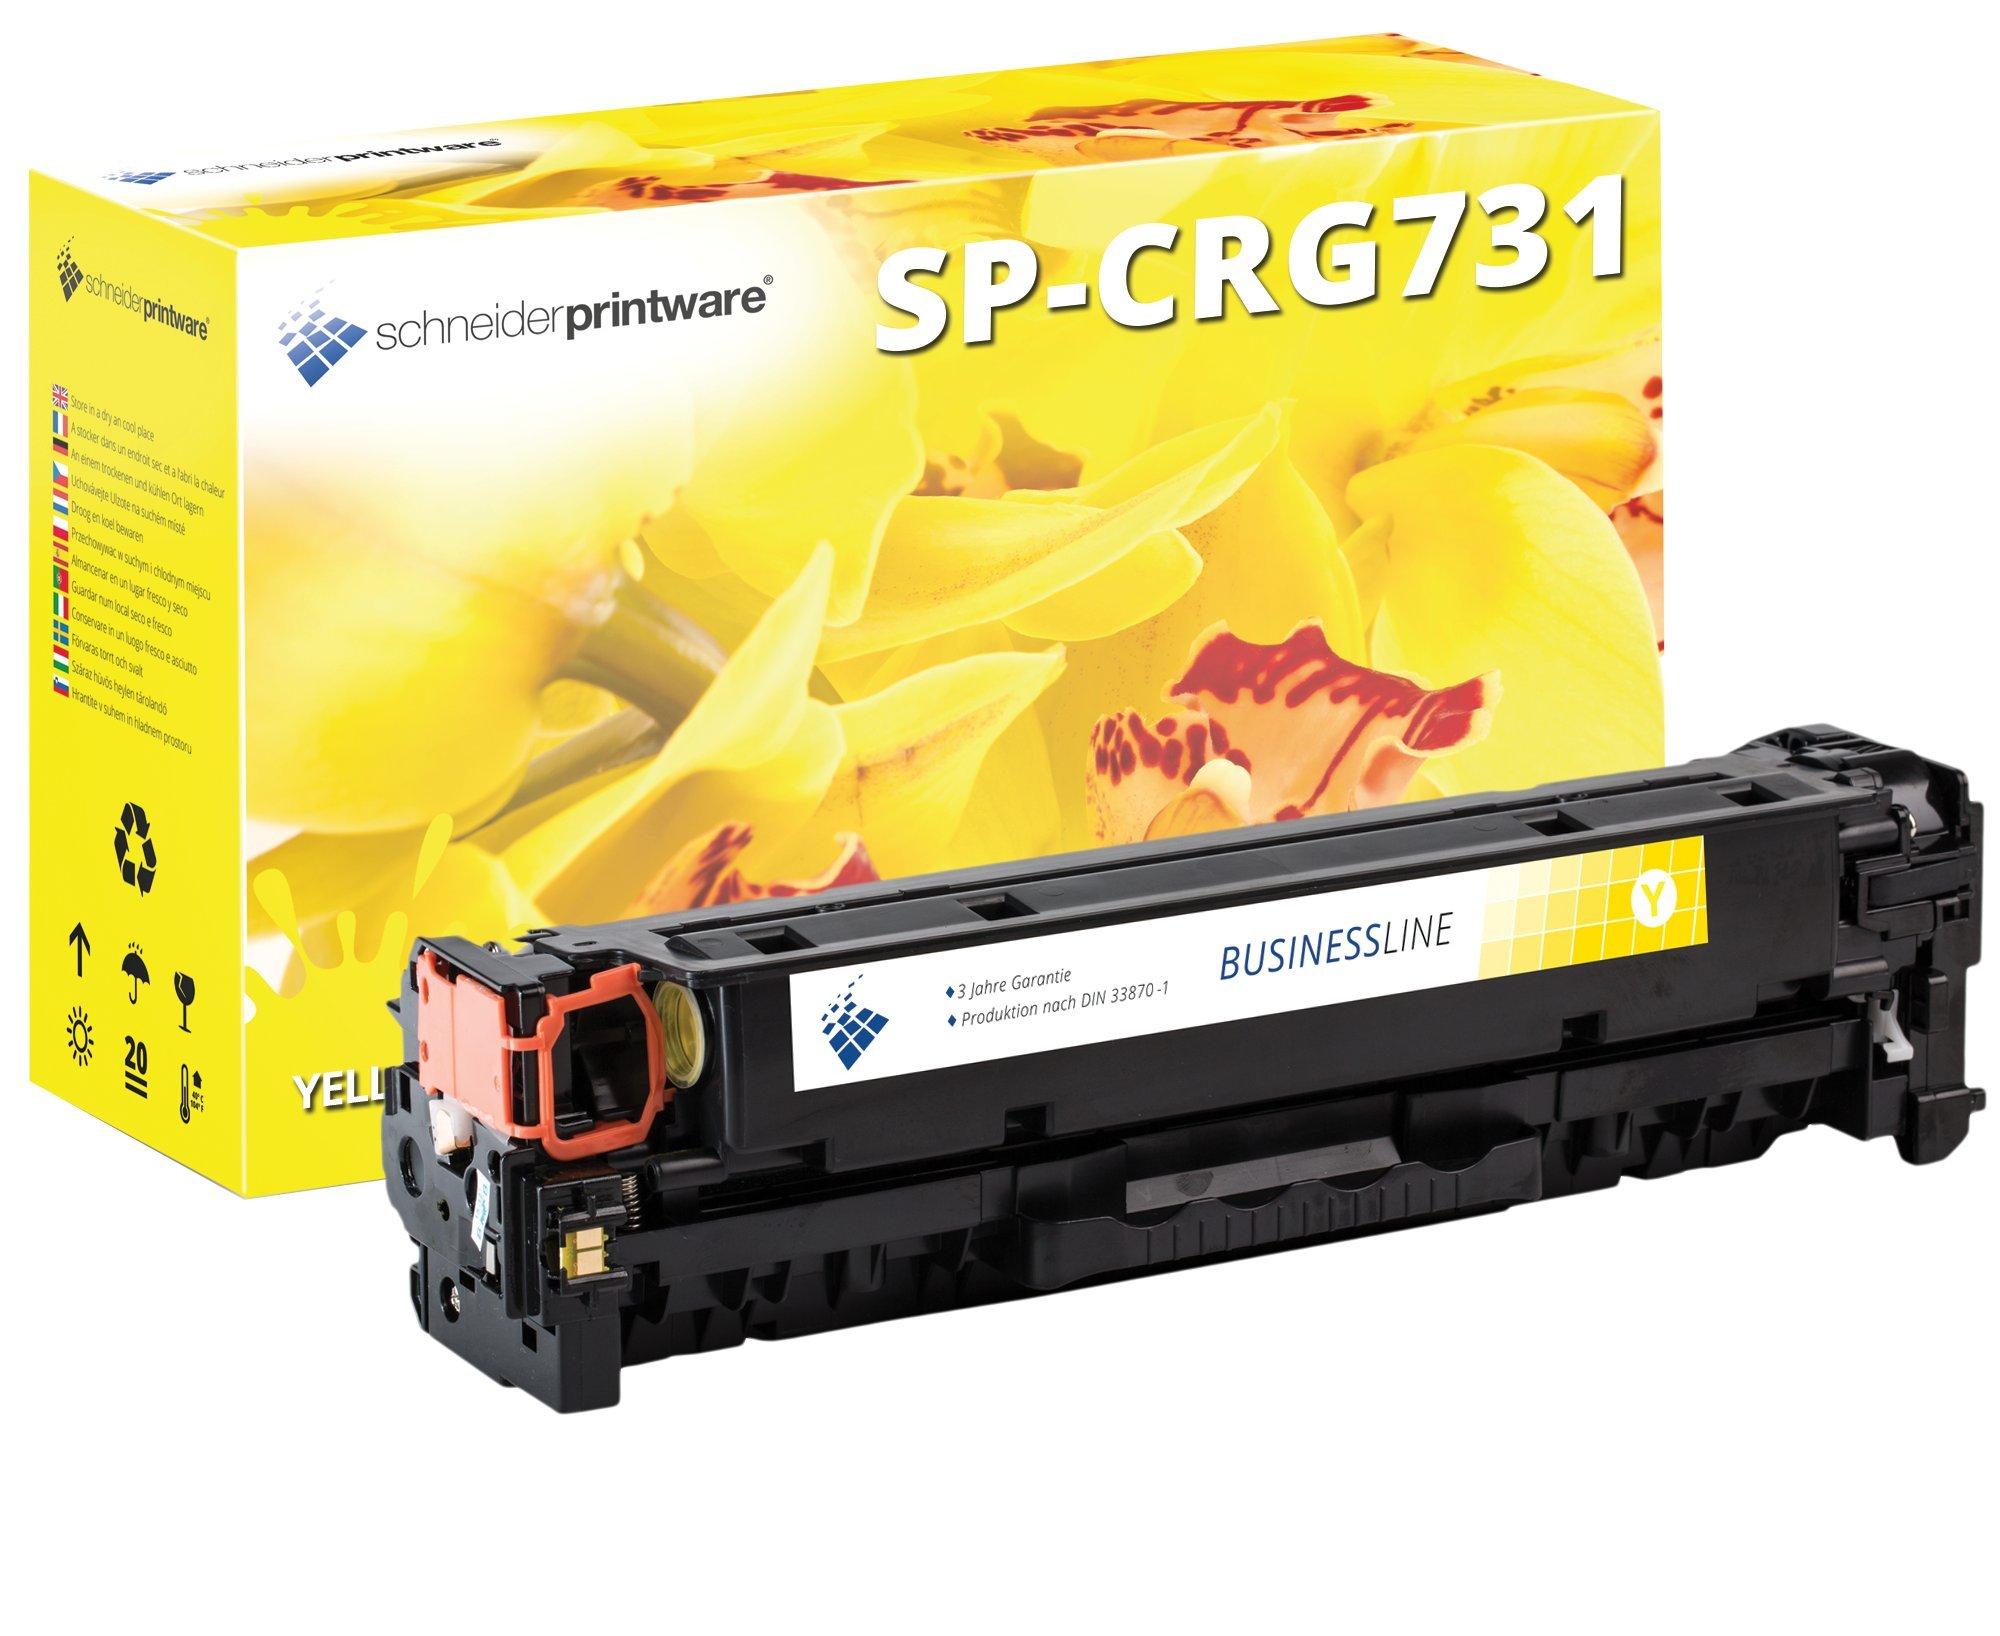 4-Schneider-Printware-Toner-35-Prozent-mehr-Druckleistung-kompatibel-zu-731-fr-Canon-LBP-7100cn-LBP-7110cw-LBP-7100-i-Sensys-MF623Cn-MF8230cn-MF8280cw-MF628cw